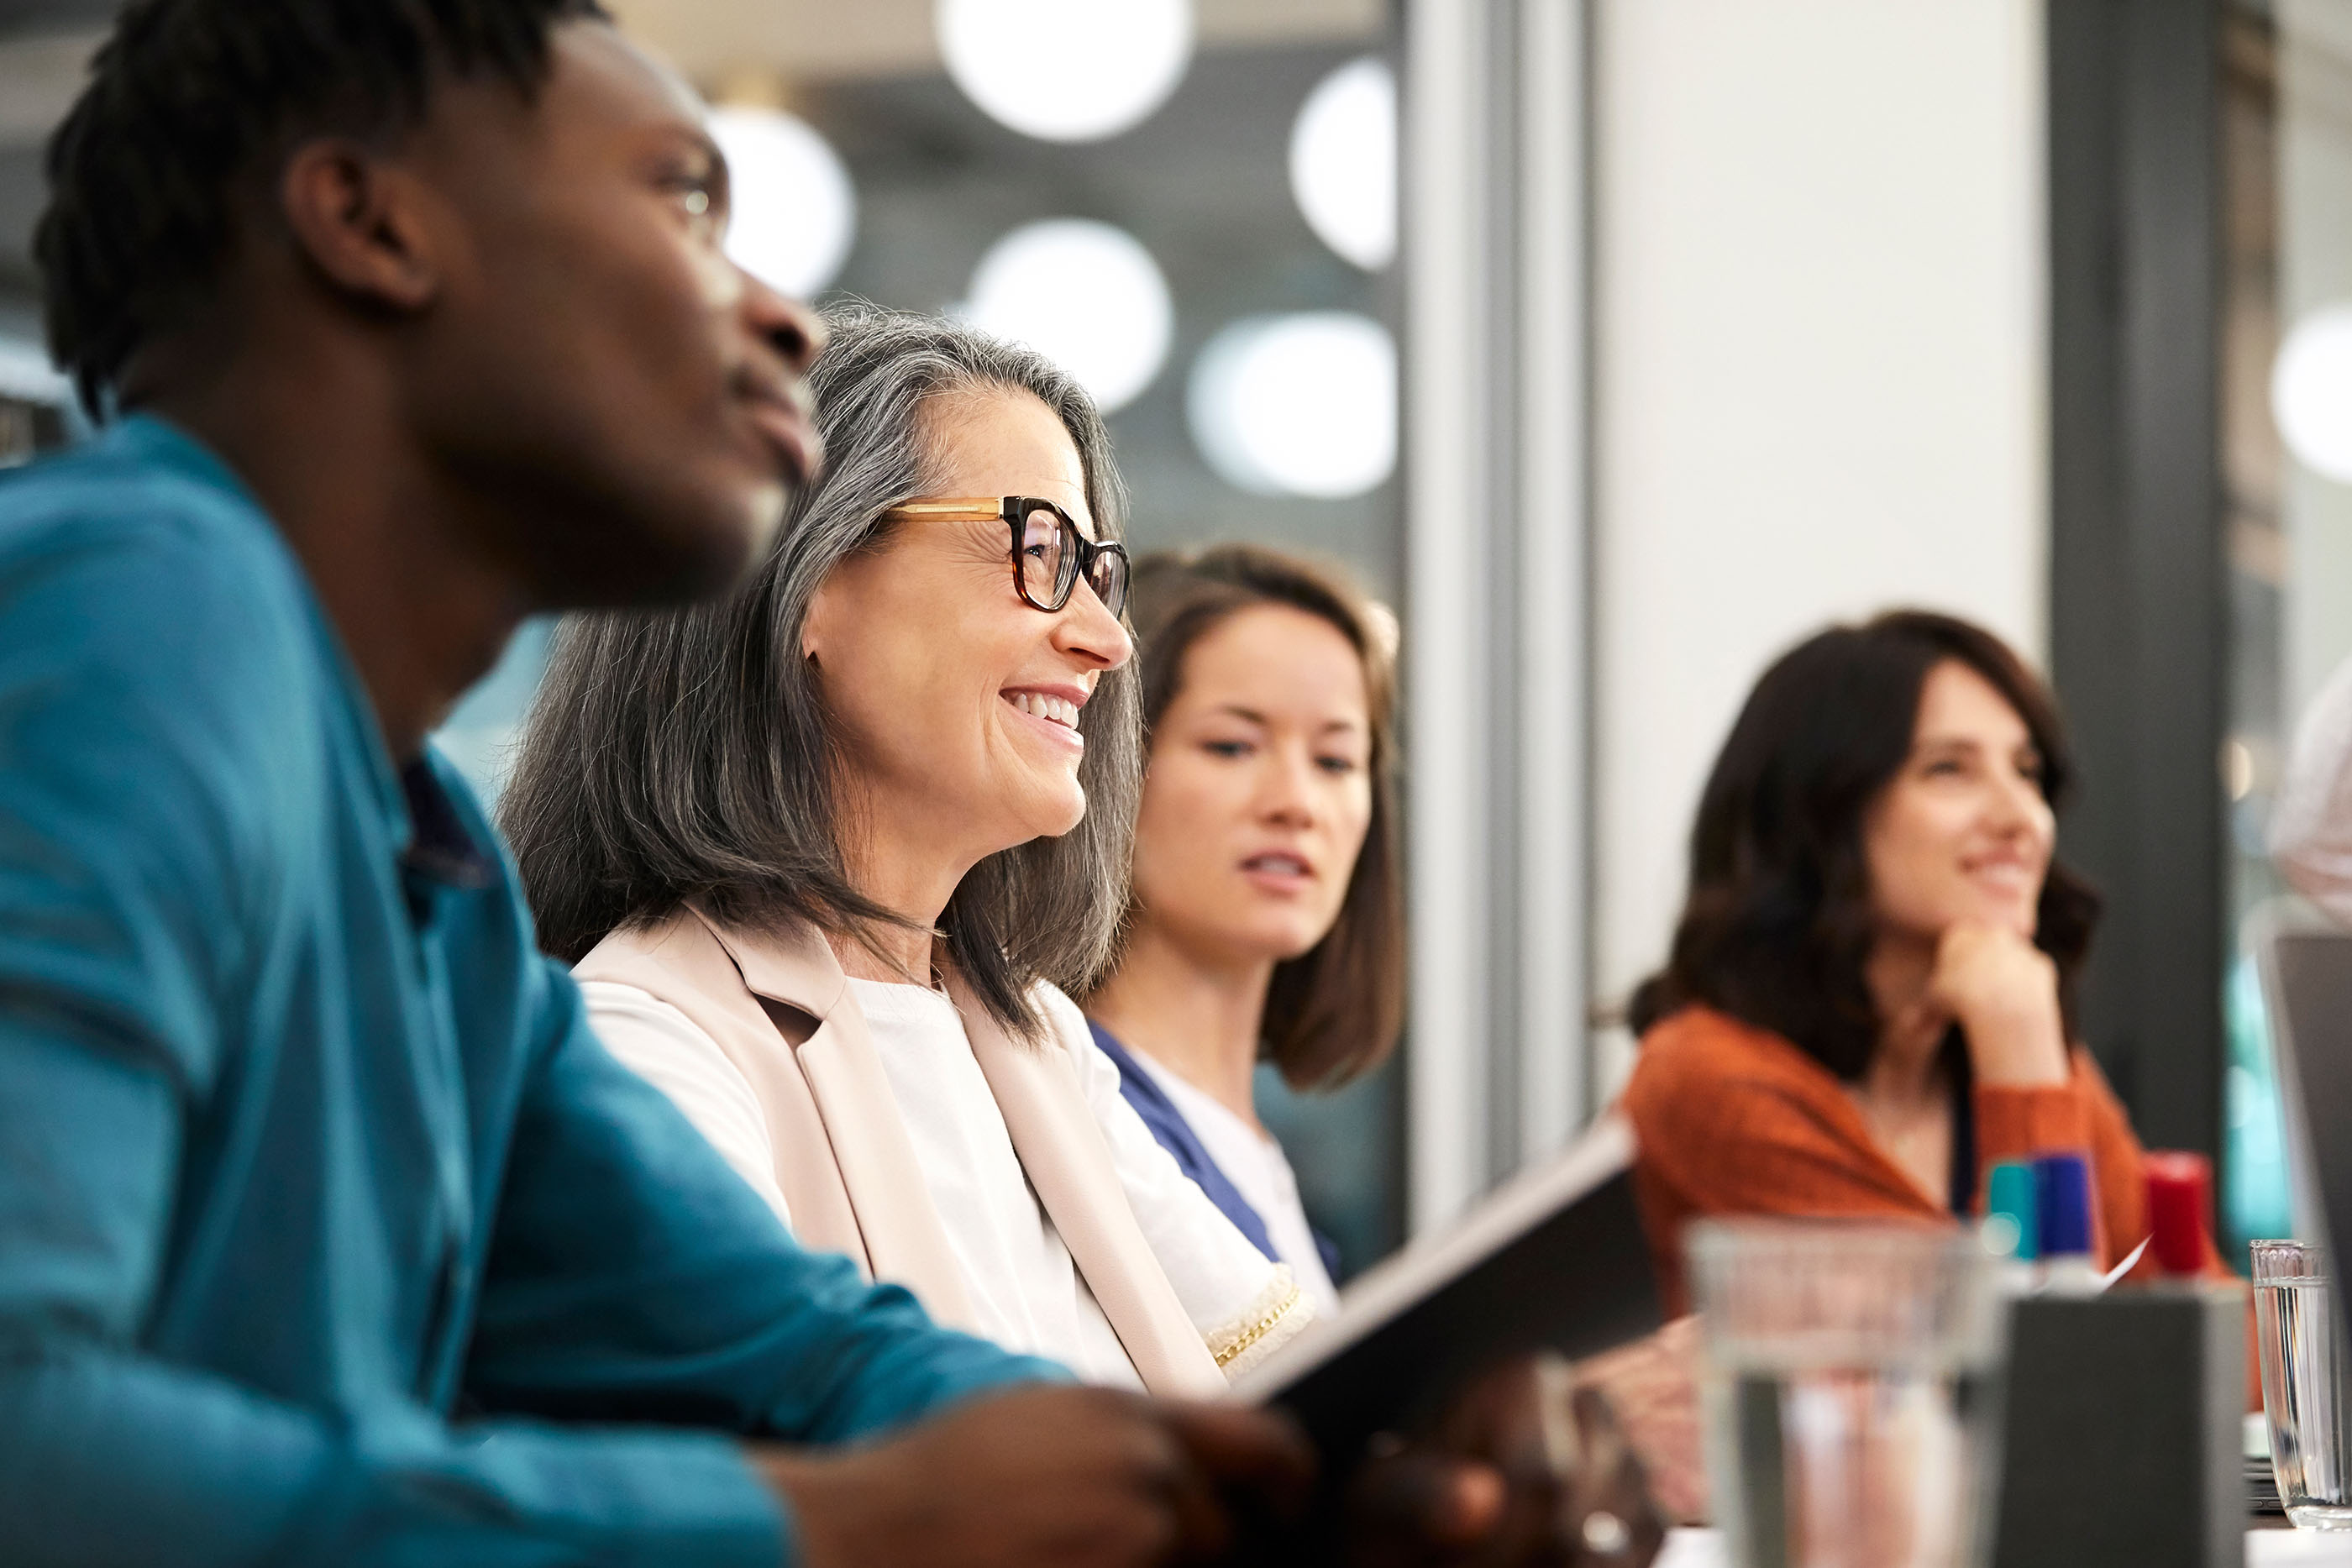 Vier Personen sitzen an einem Konferenztisch